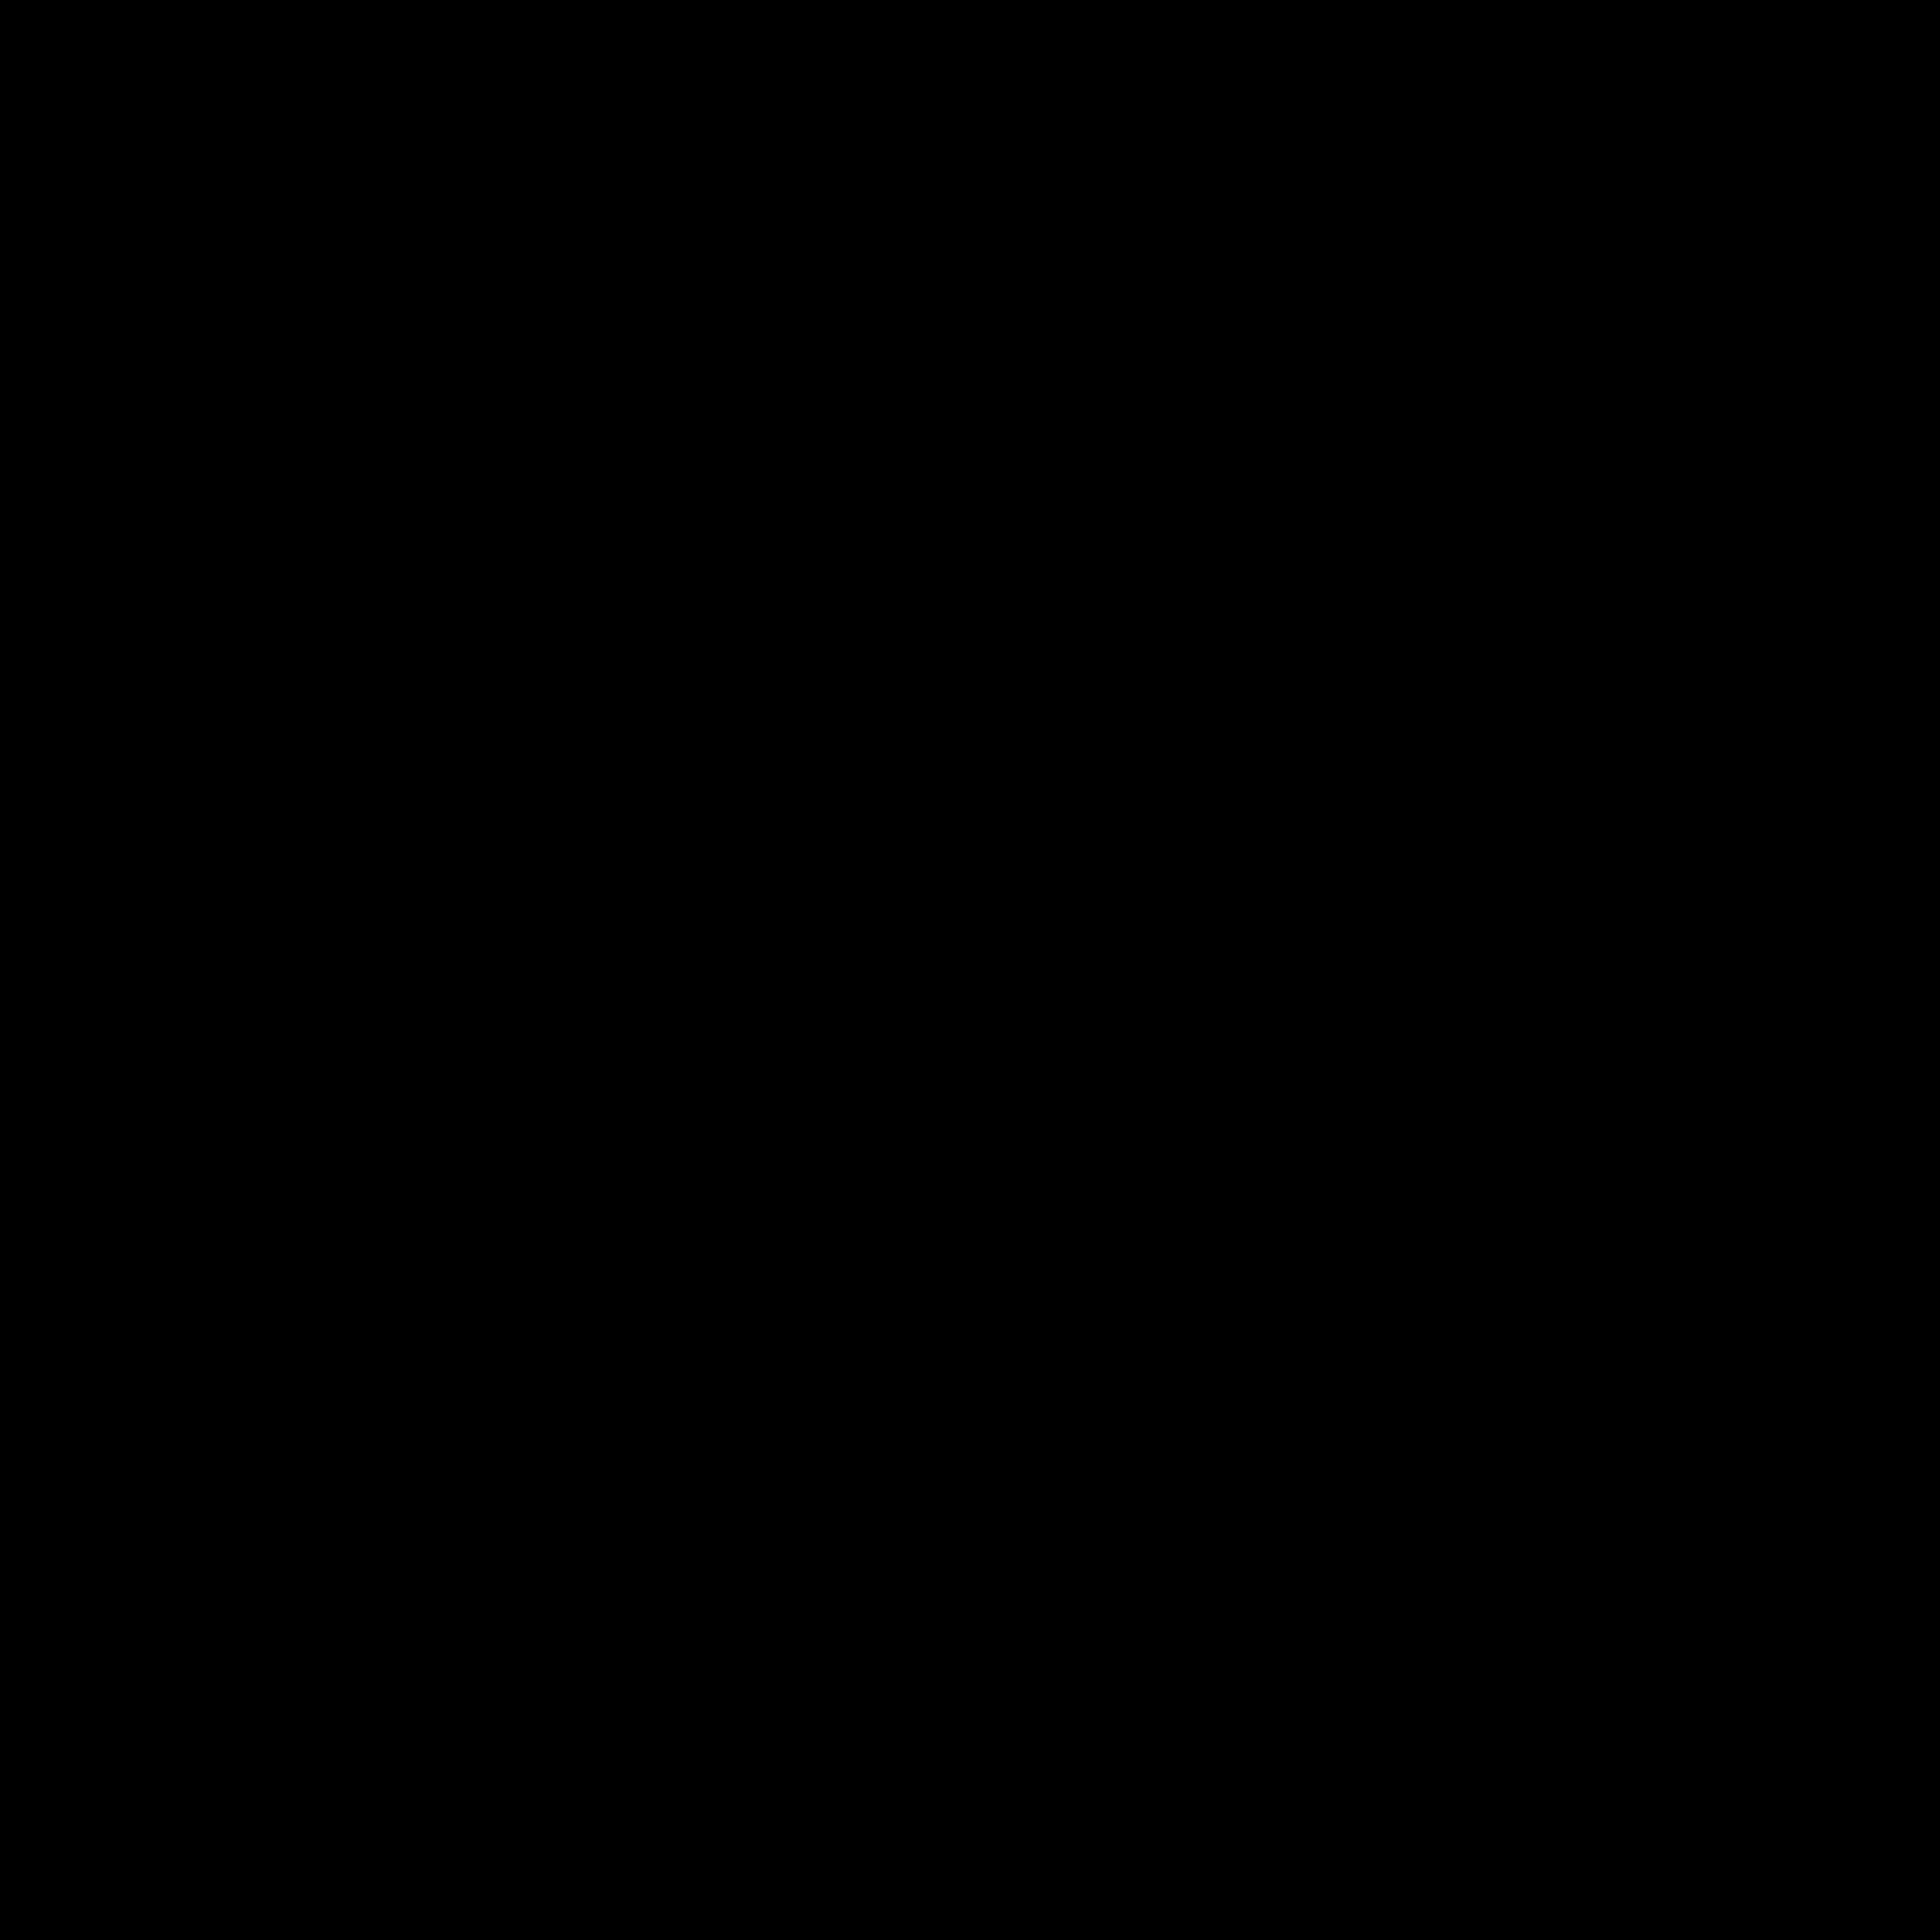 MS_Header?_logo-02.png